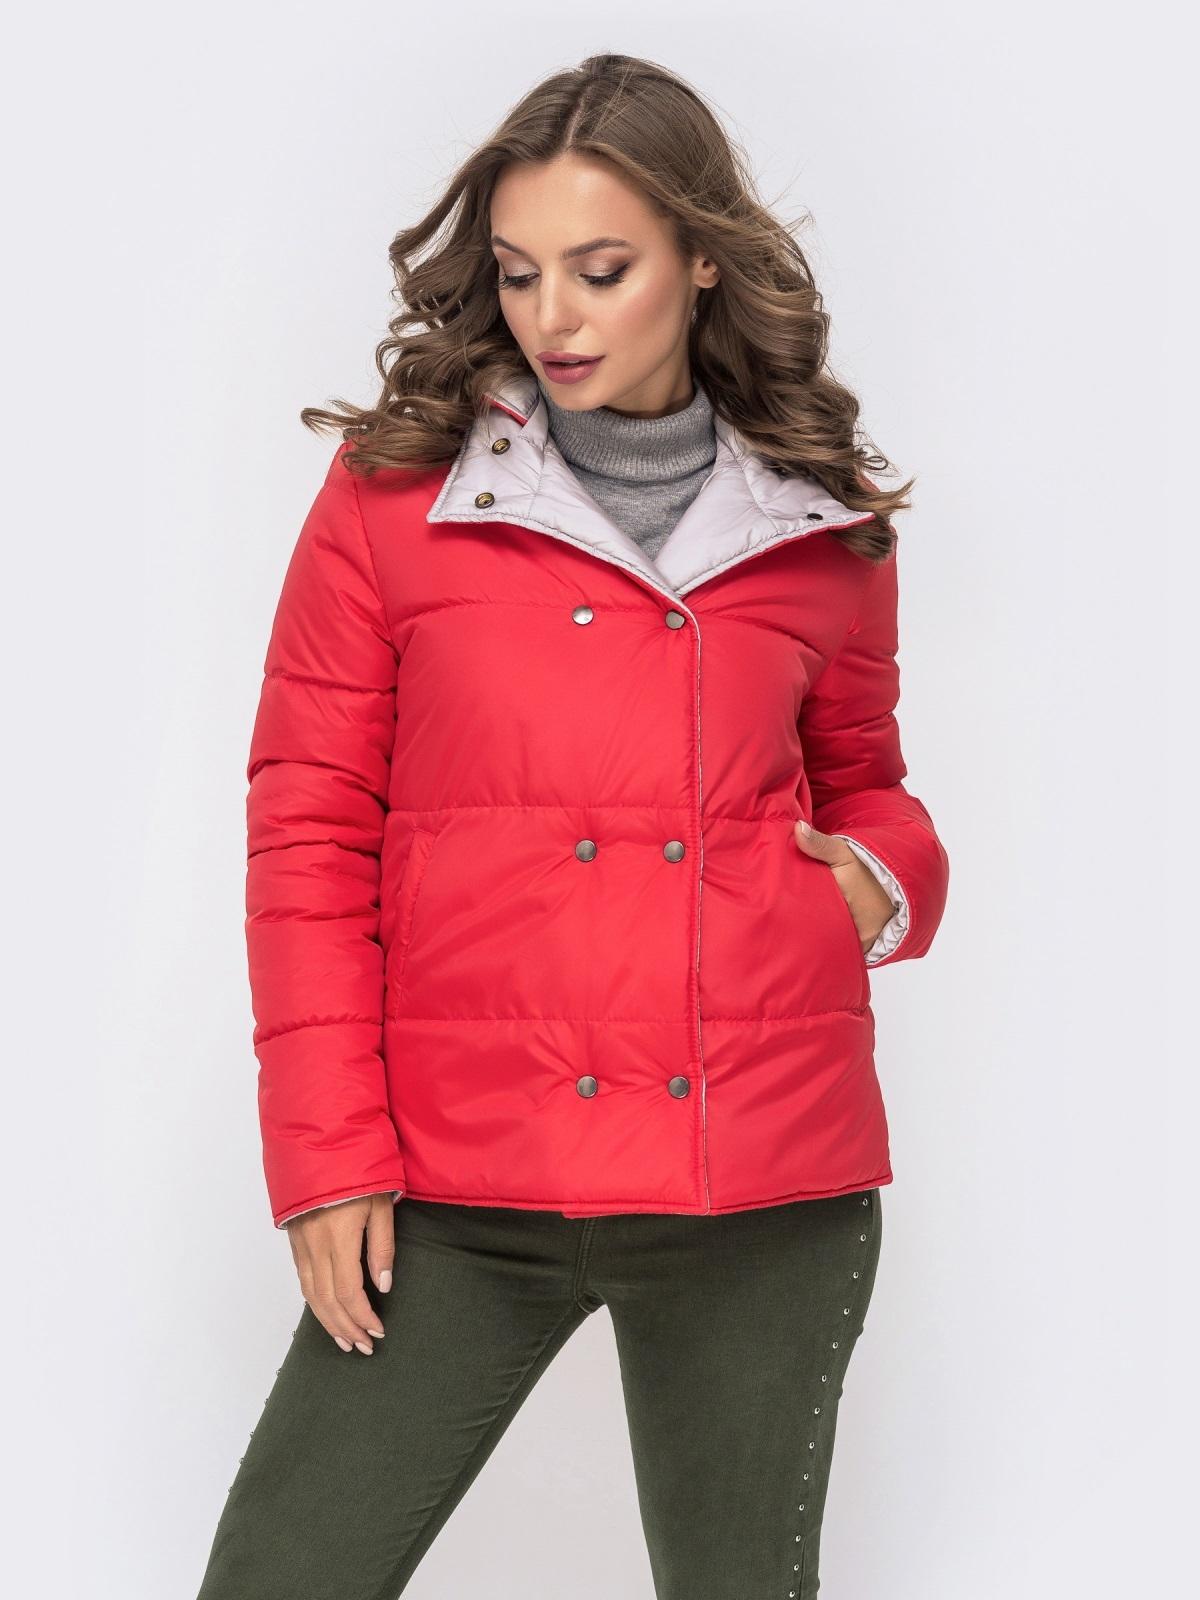 Двухсторонняя куртка на кнопках со съемным капюшоном красная - 41587, фото 1 – интернет-магазин Dressa